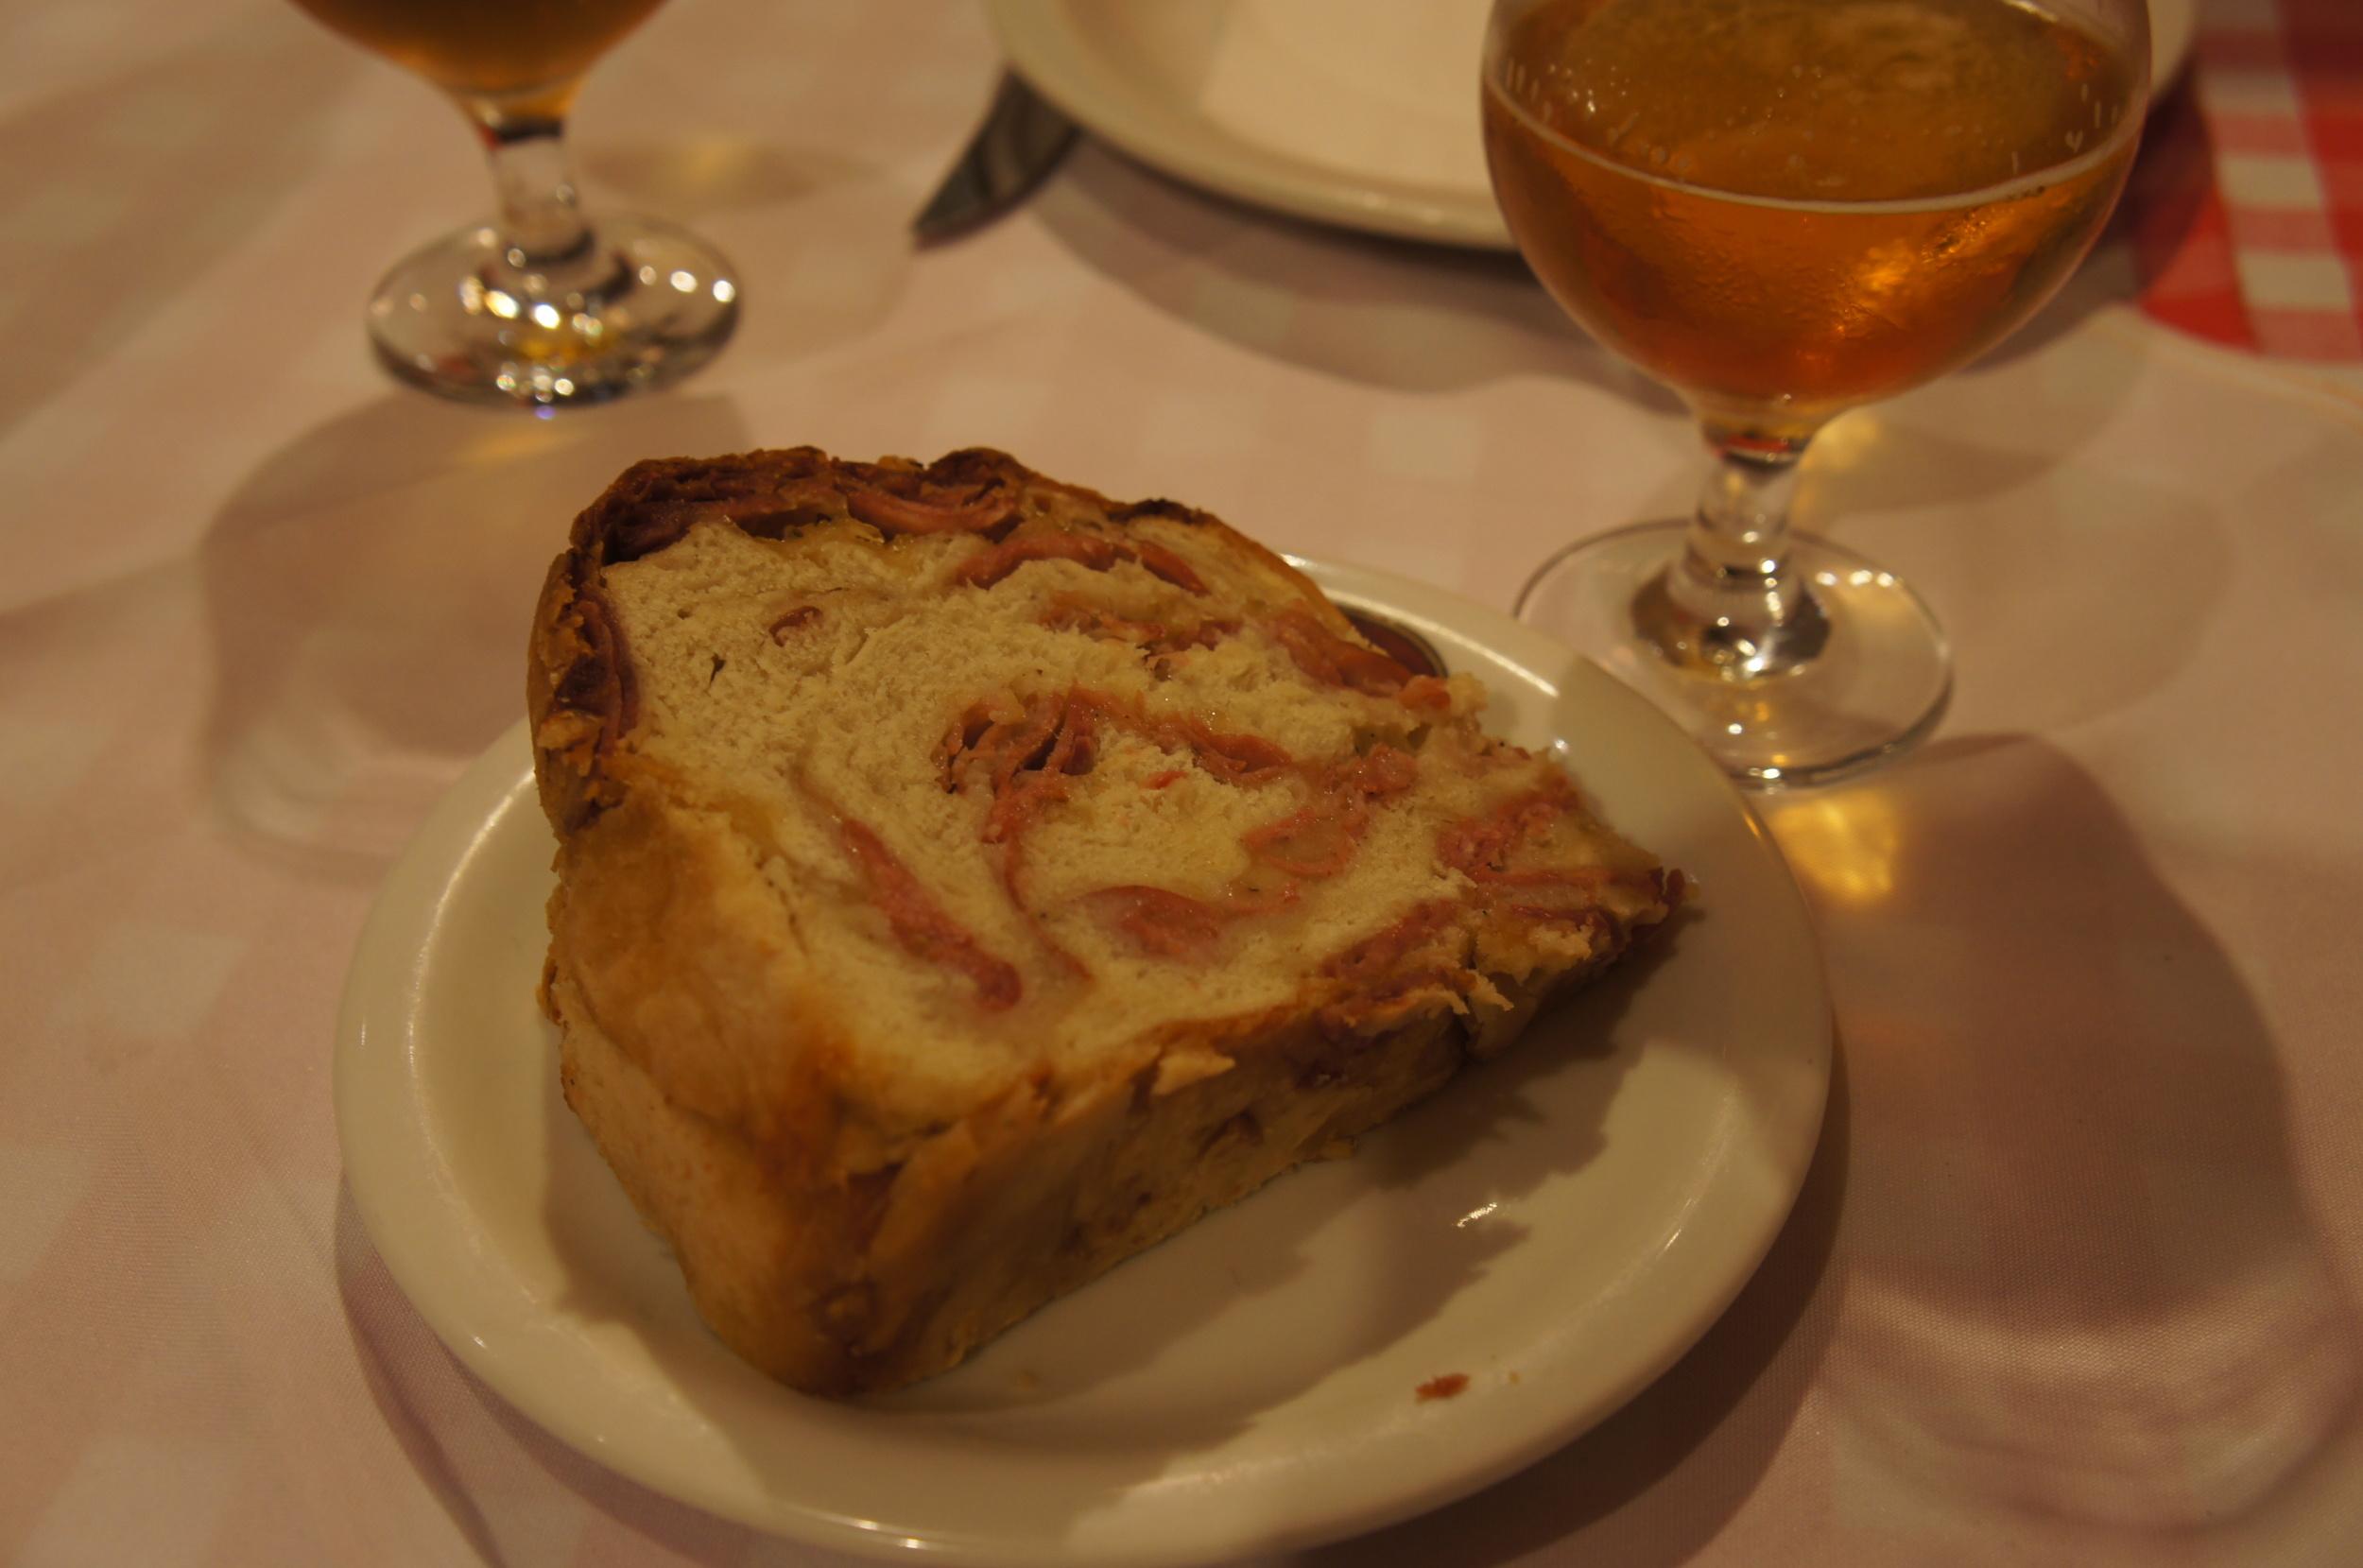 Pão de calabresa para partir em pedacinhos e comer acompanhado de uma cerveja.